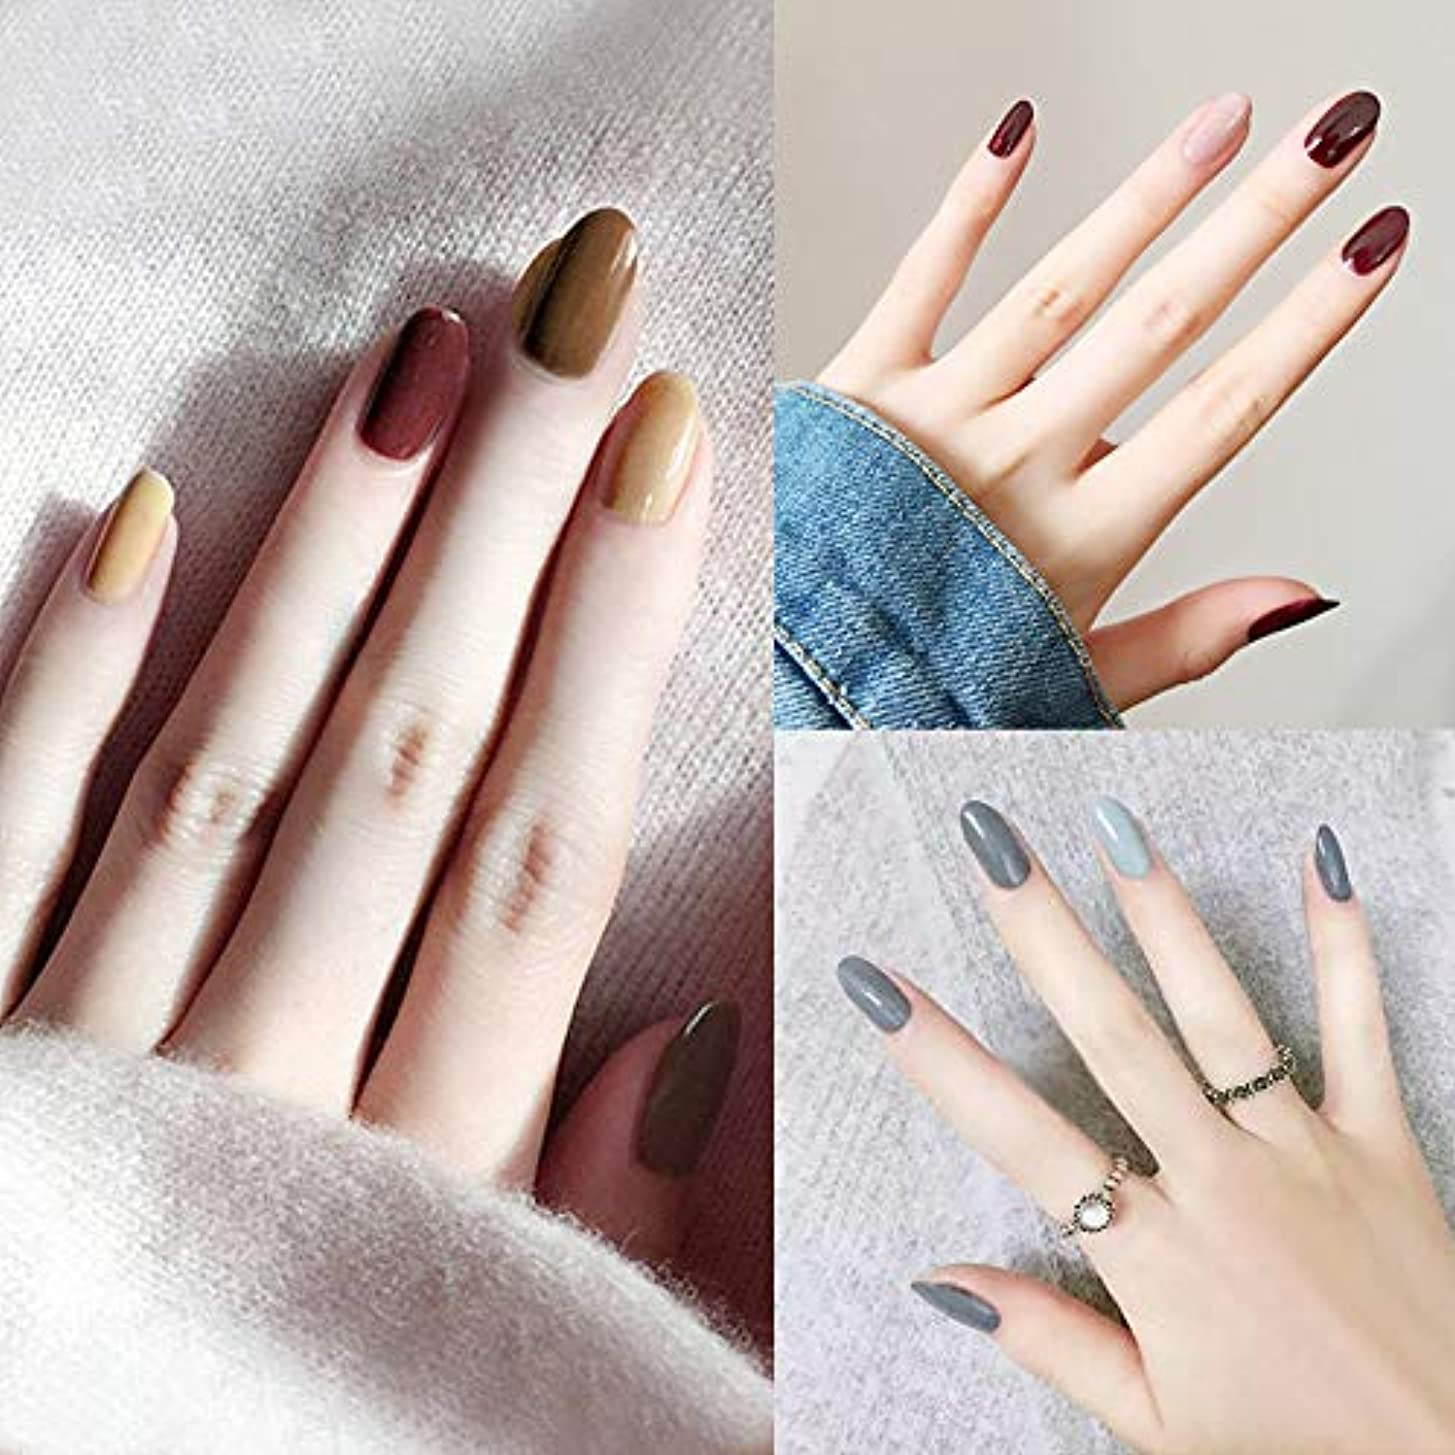 静的変化する義務ファッションレッドクリームインクハリスタイル偽爪純粋な色偽爪24ピースフルブライダルネイルのヒント滑らかな指装飾のヒント接着剤付き人工爪